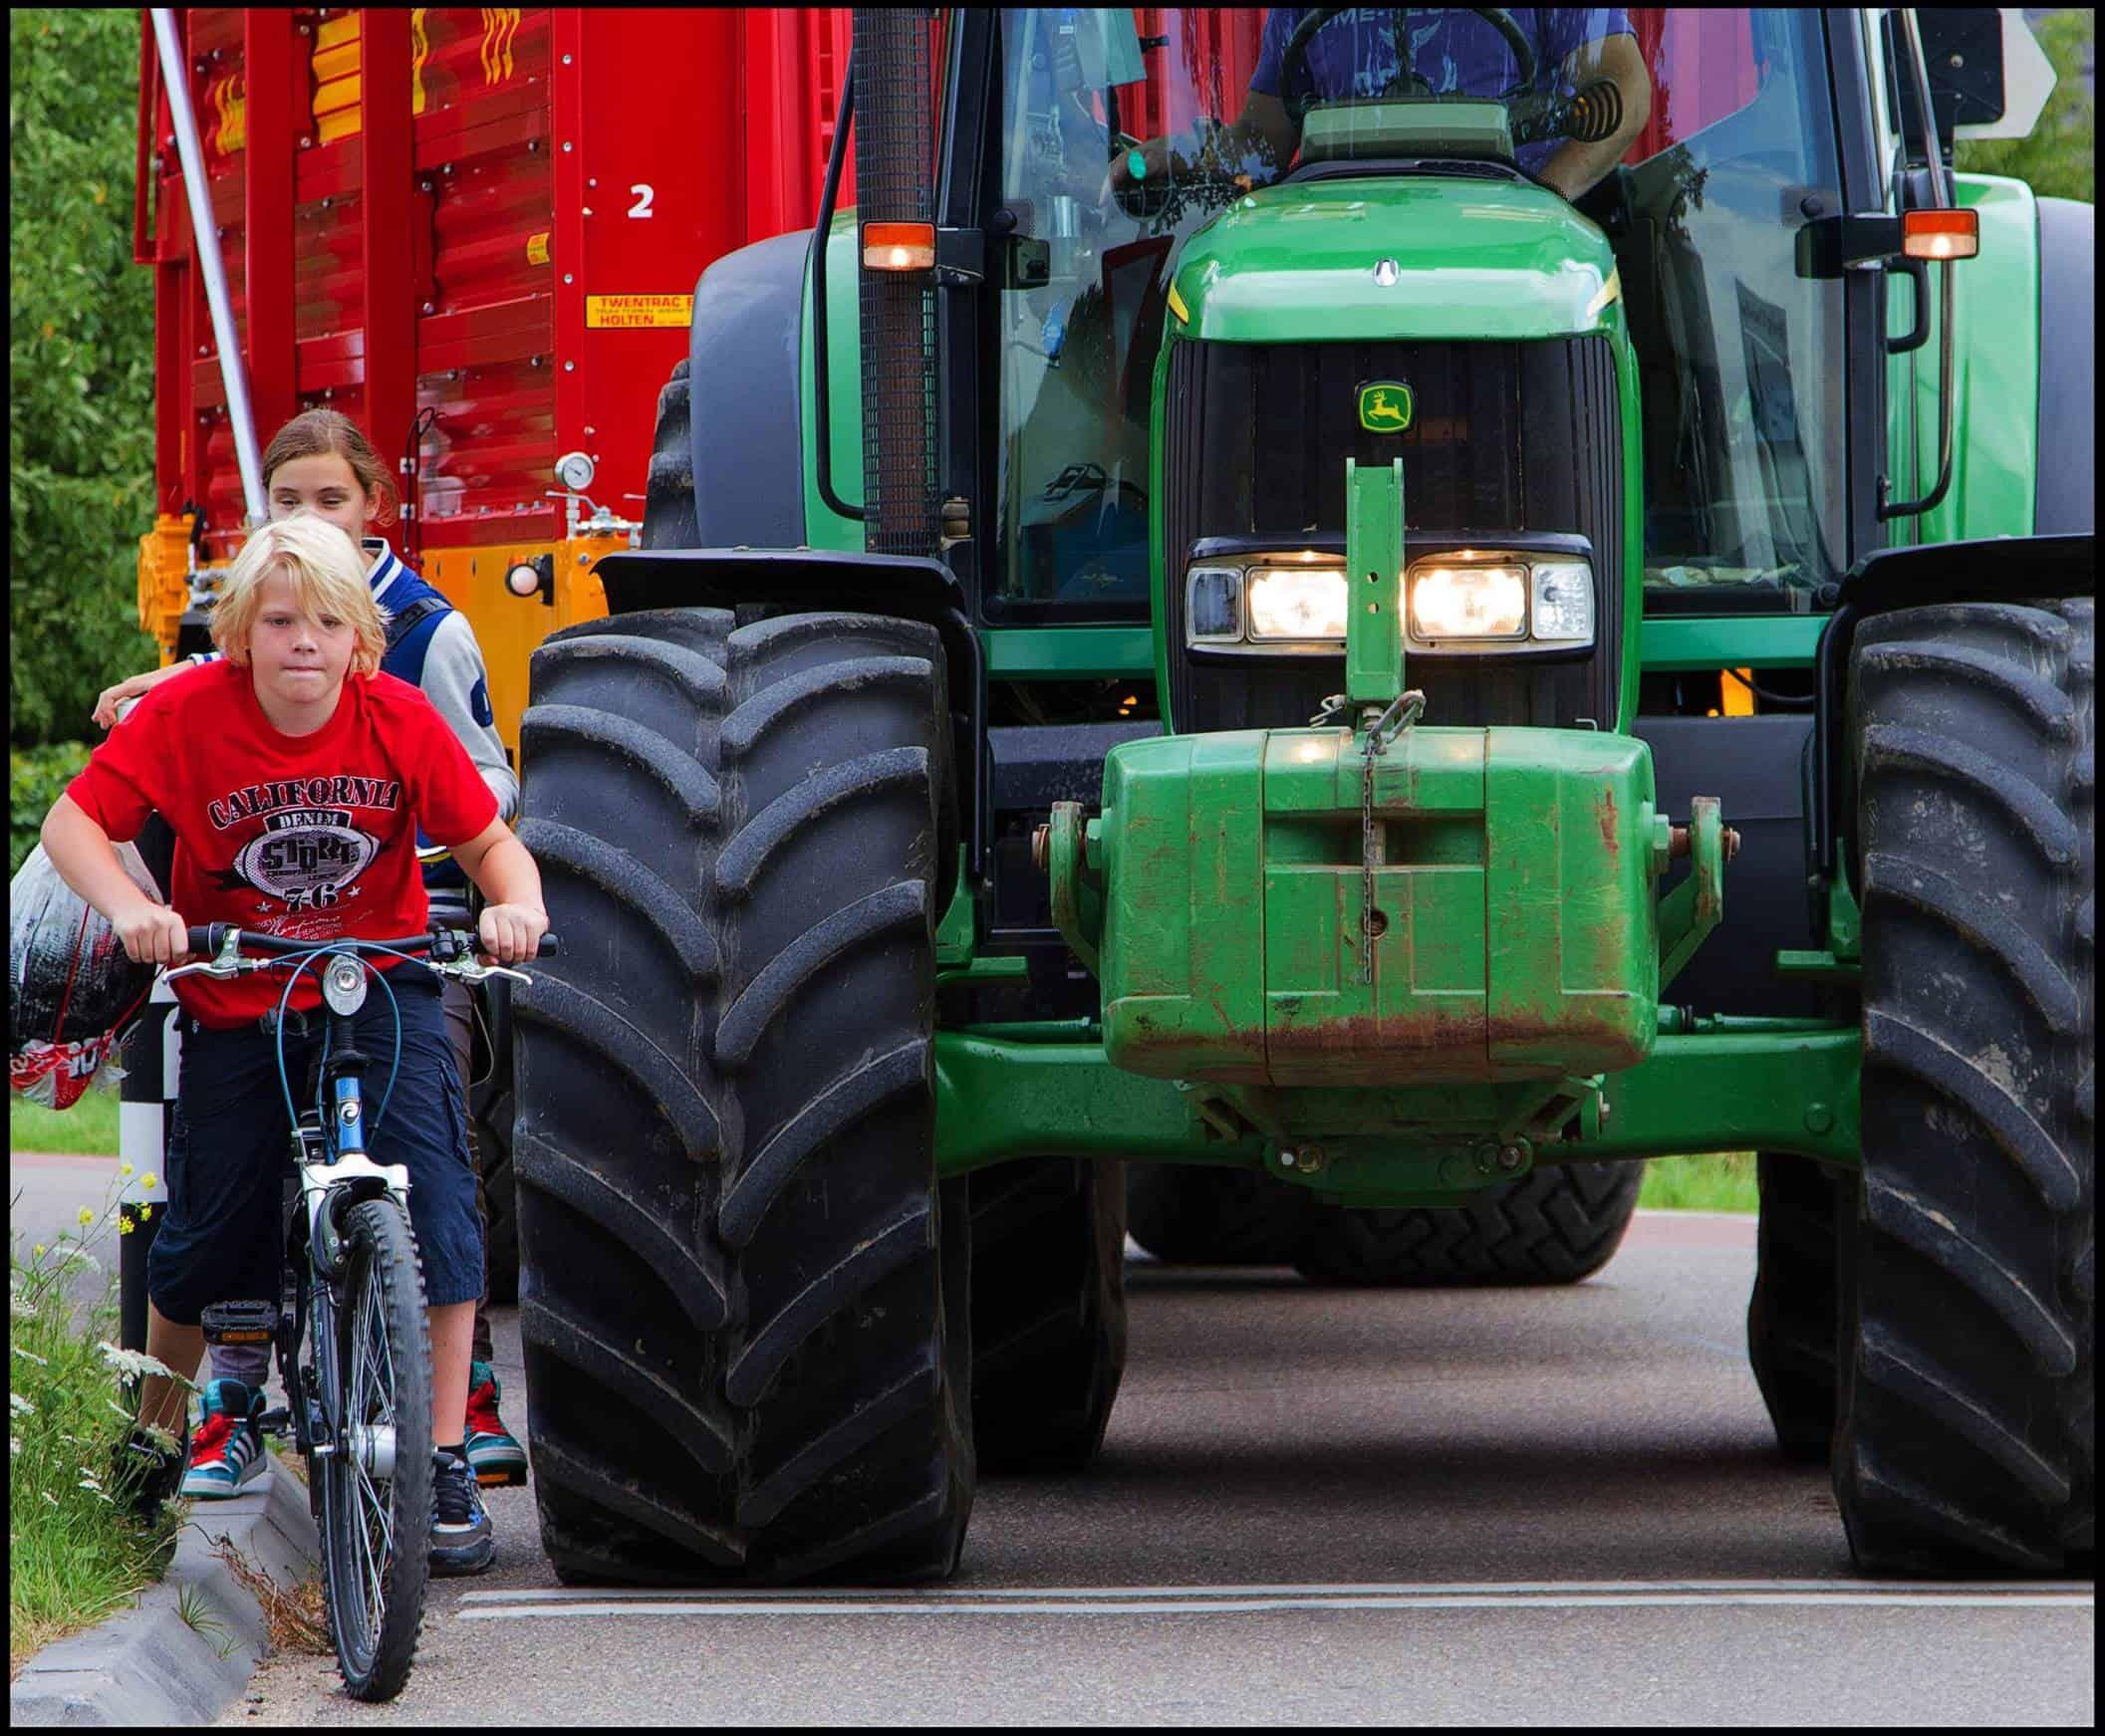 foto bij persbericht over jeugdverkeersproject met landbouwverkeer